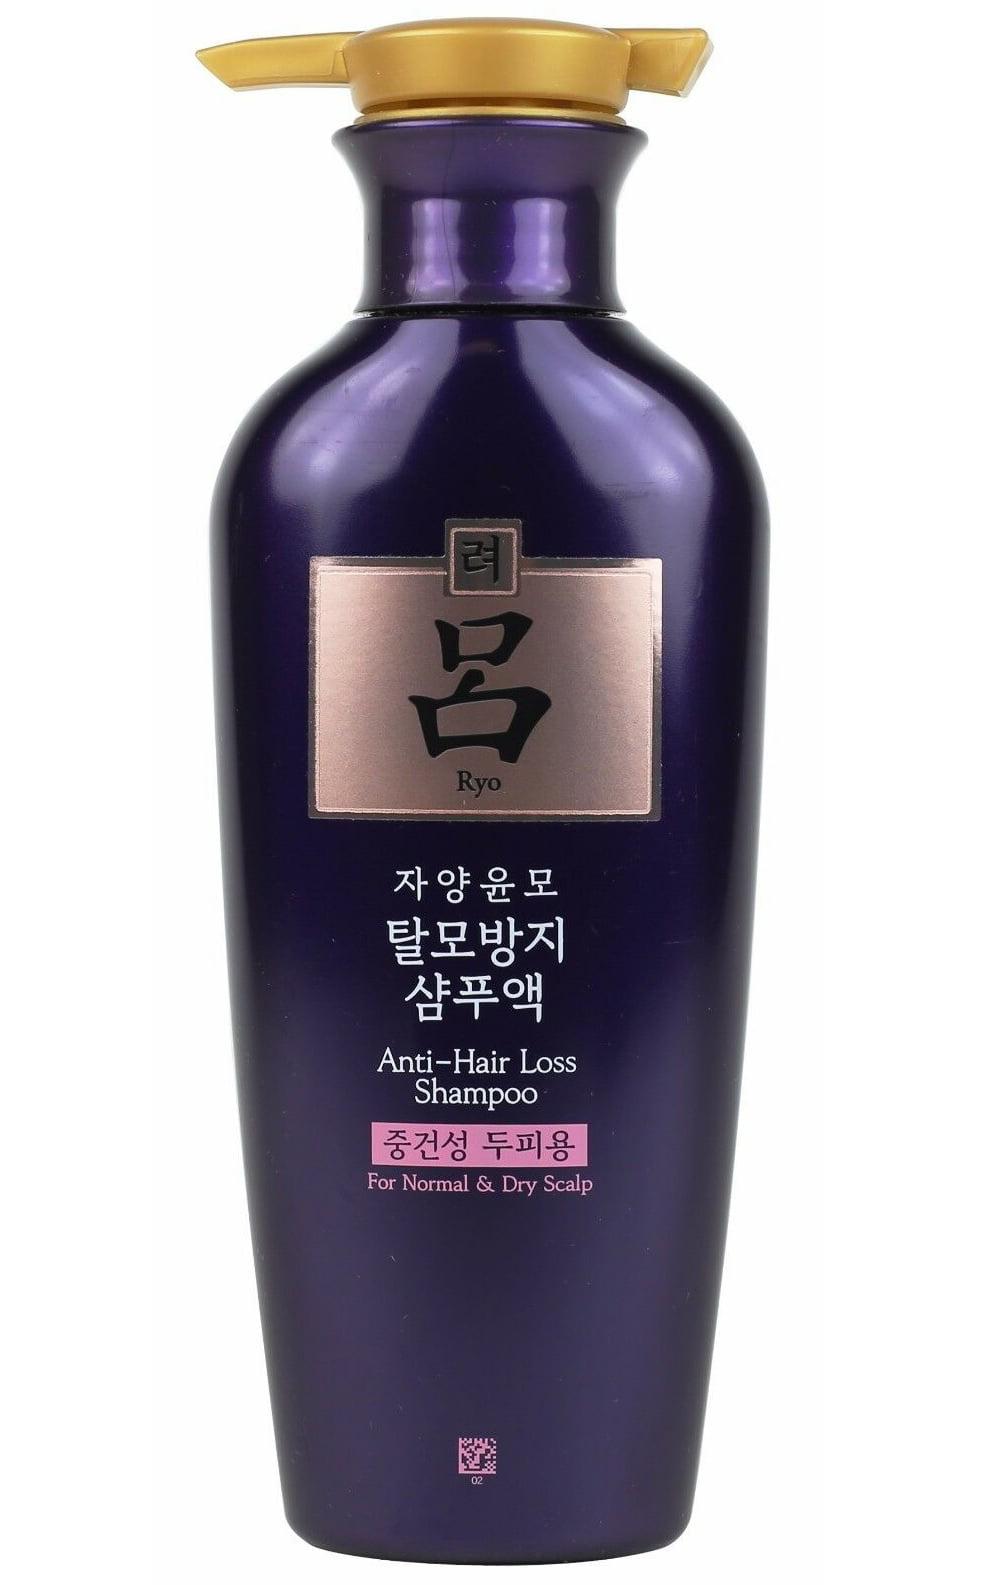 Ryo Anti Hair Loss Shampoo For Normal Dry Scalp 13 2 Oz Walmart Com Walmart Com